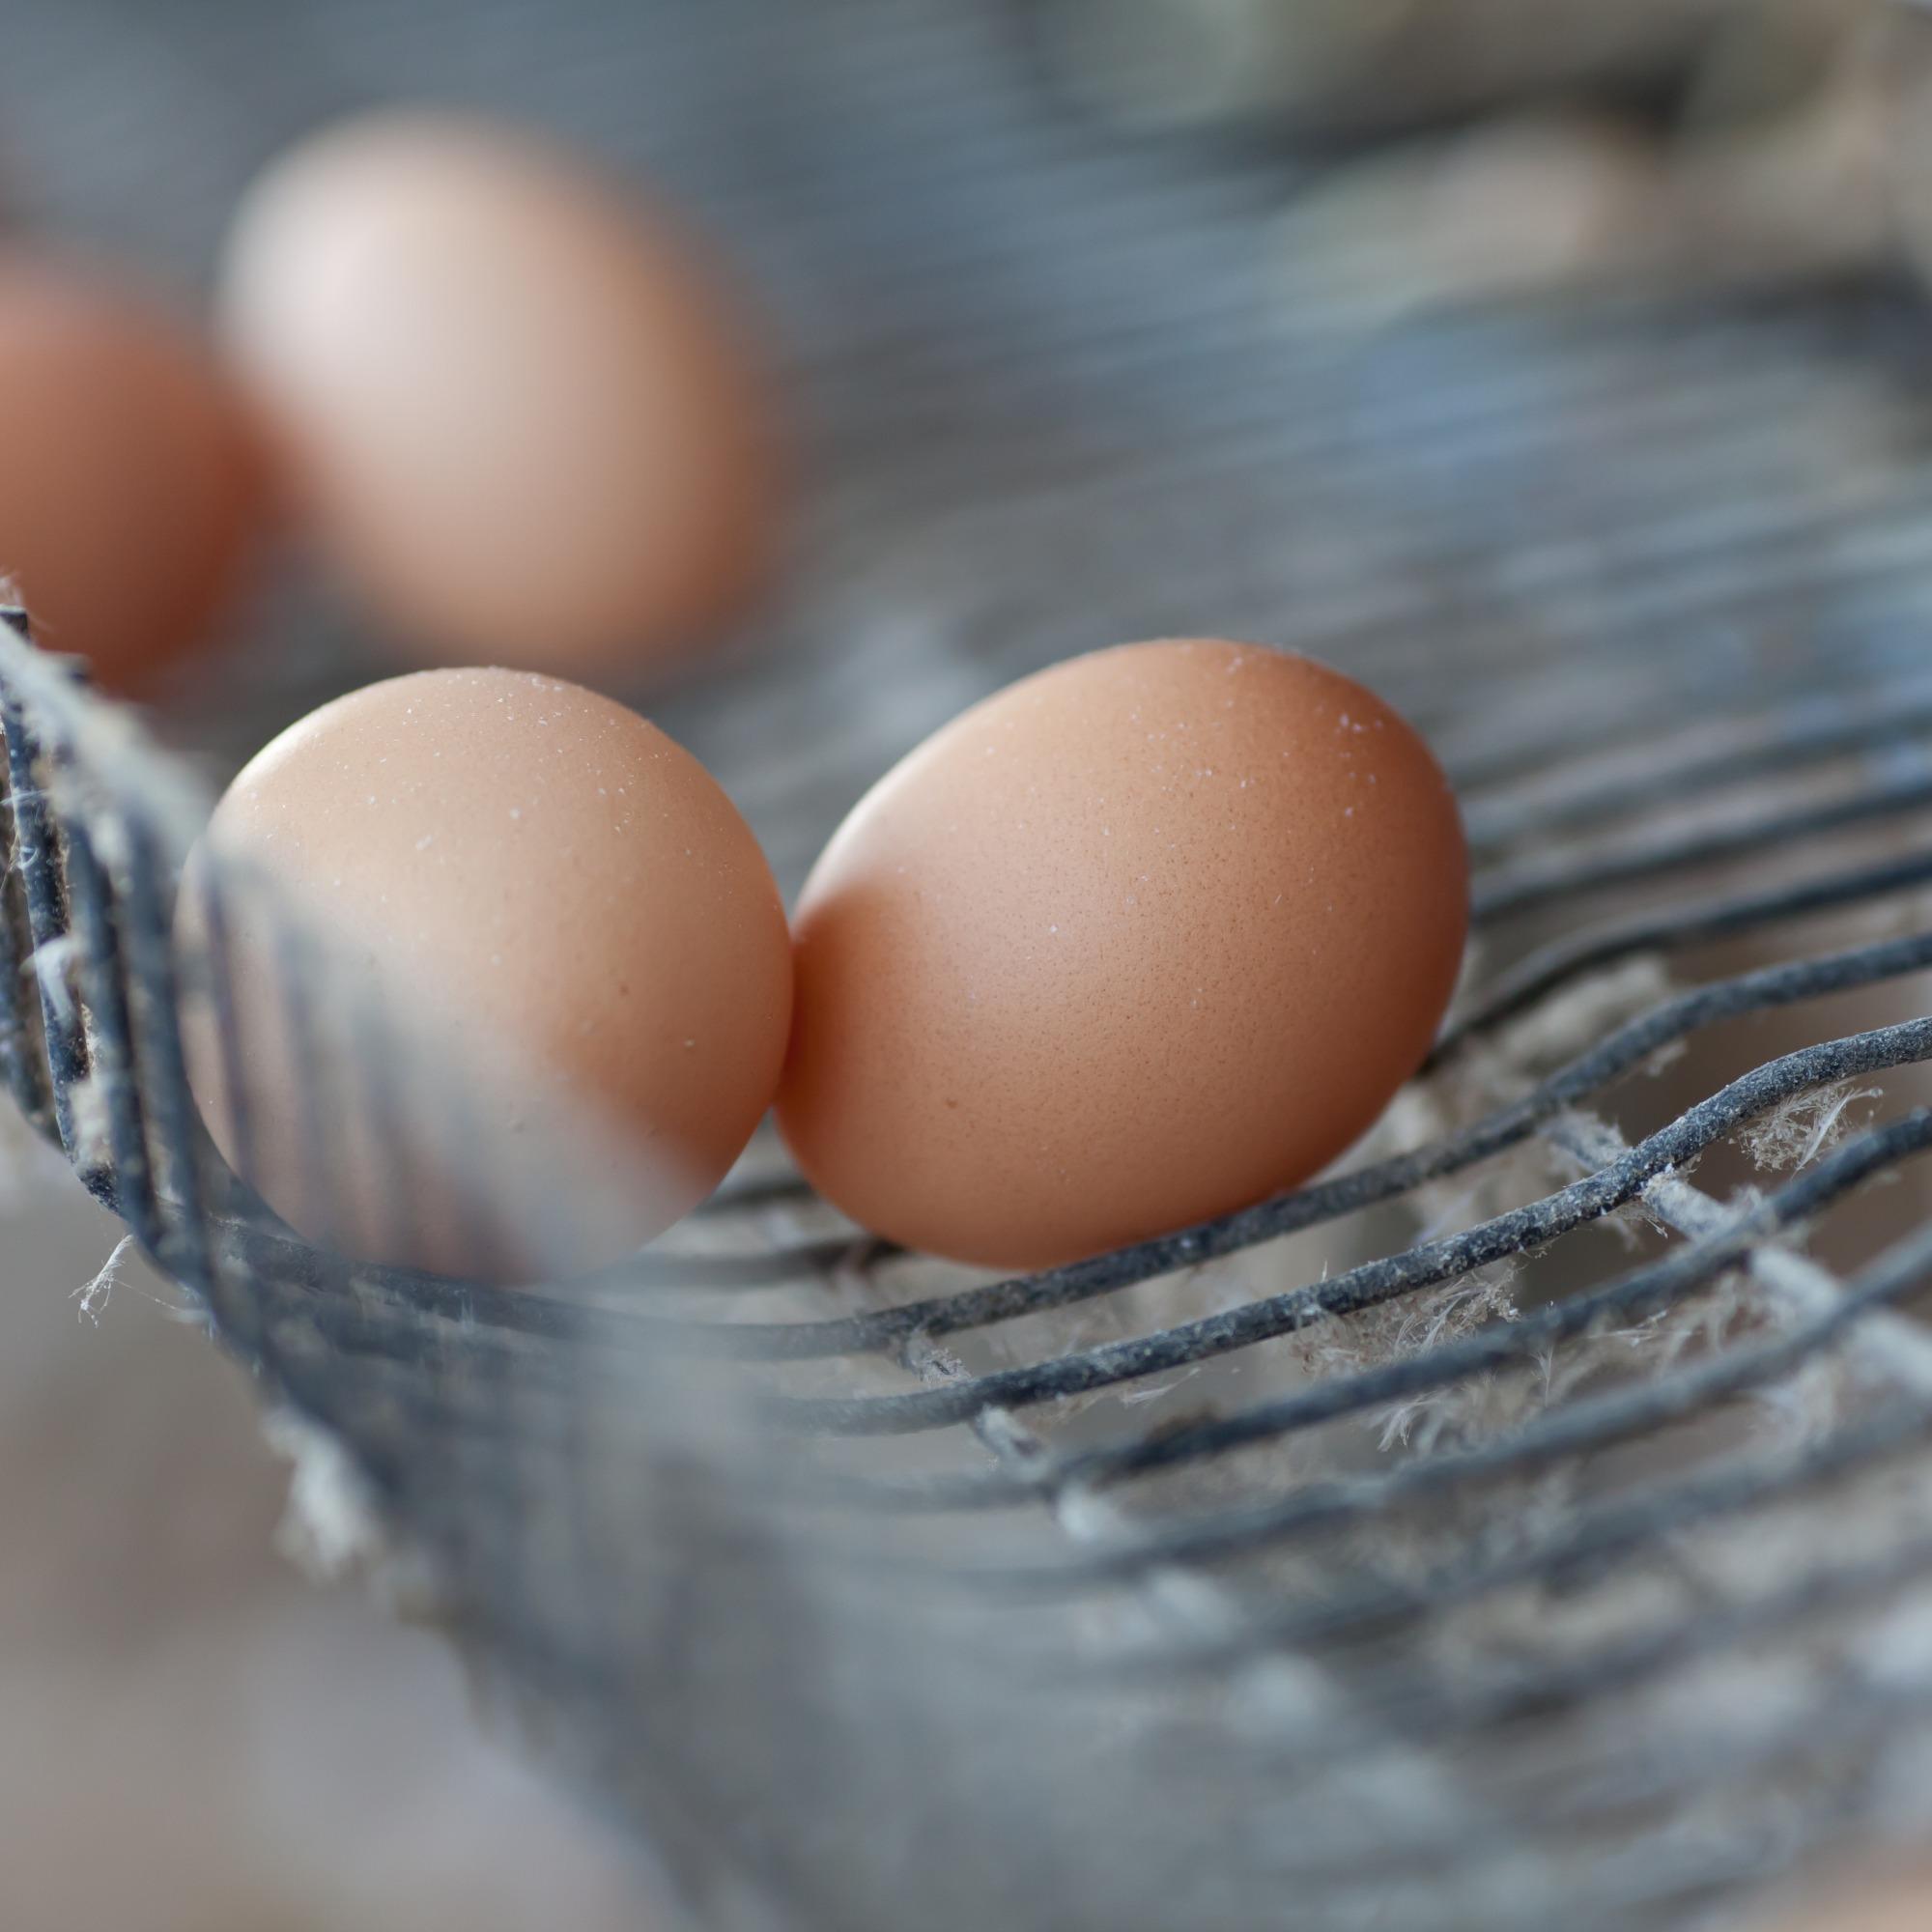 Com menor demanda, preços dos ovos caem